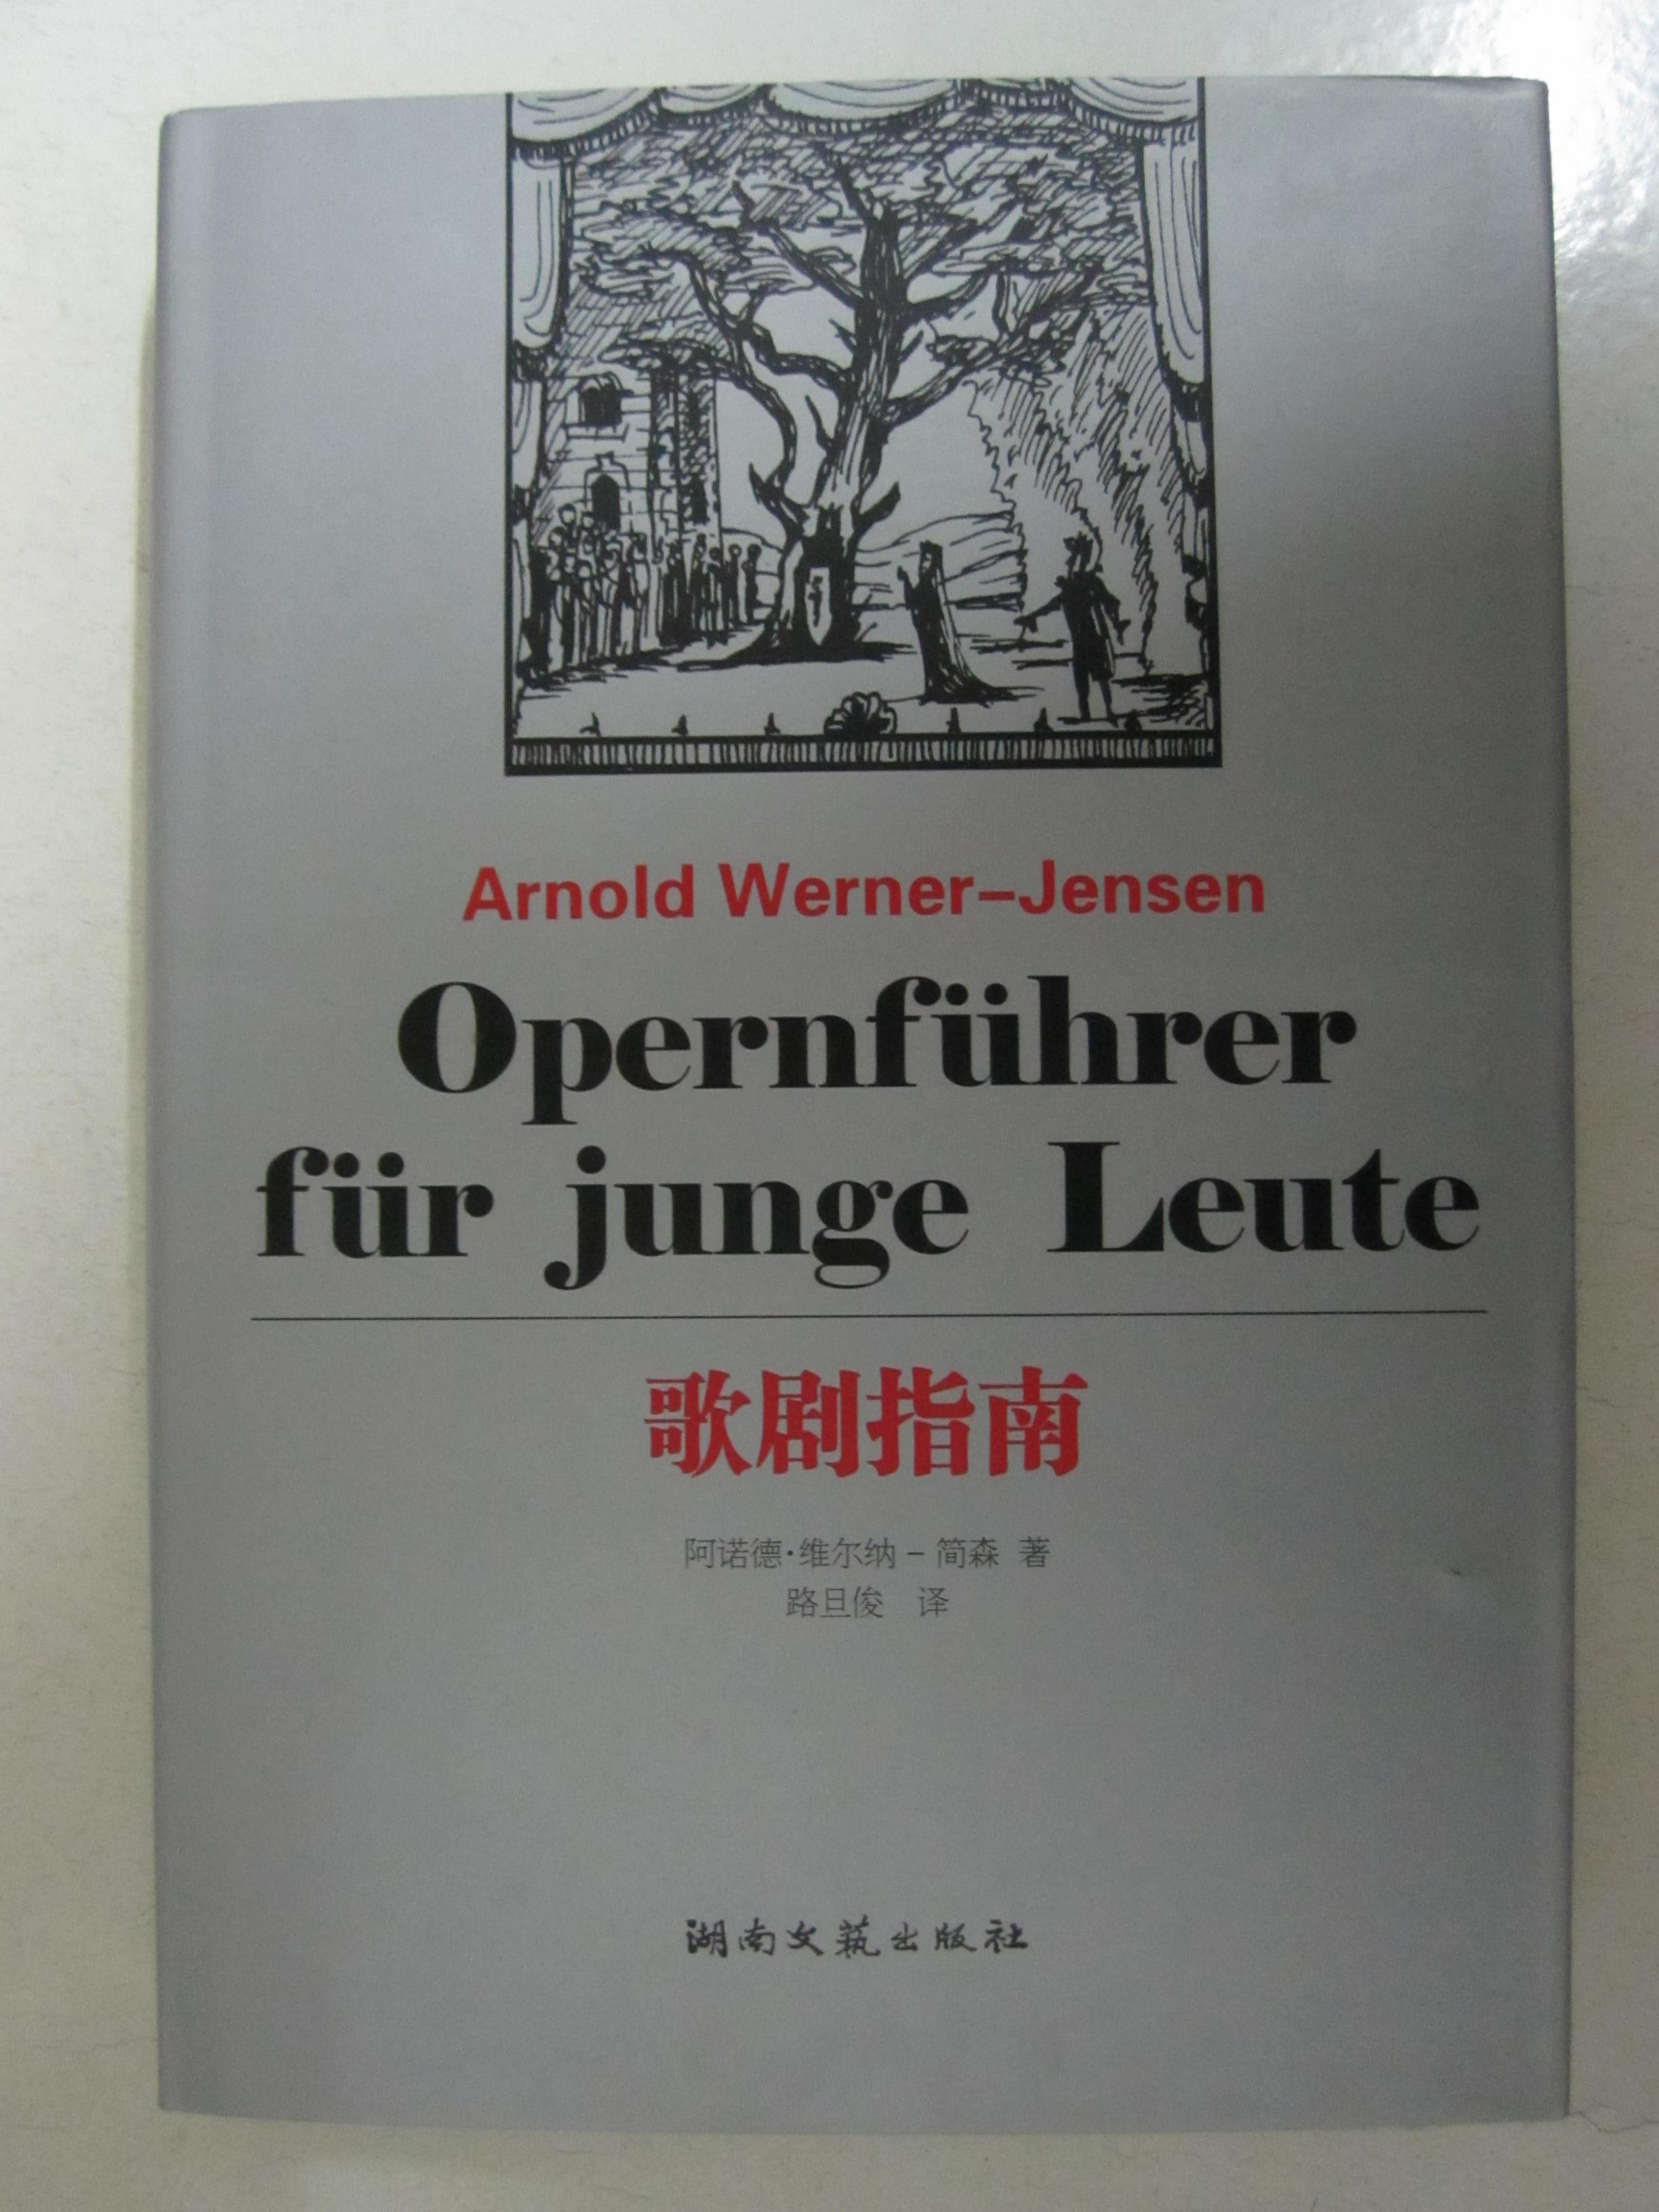 歌劇指南 Opernfuehrer fuer junge Leute